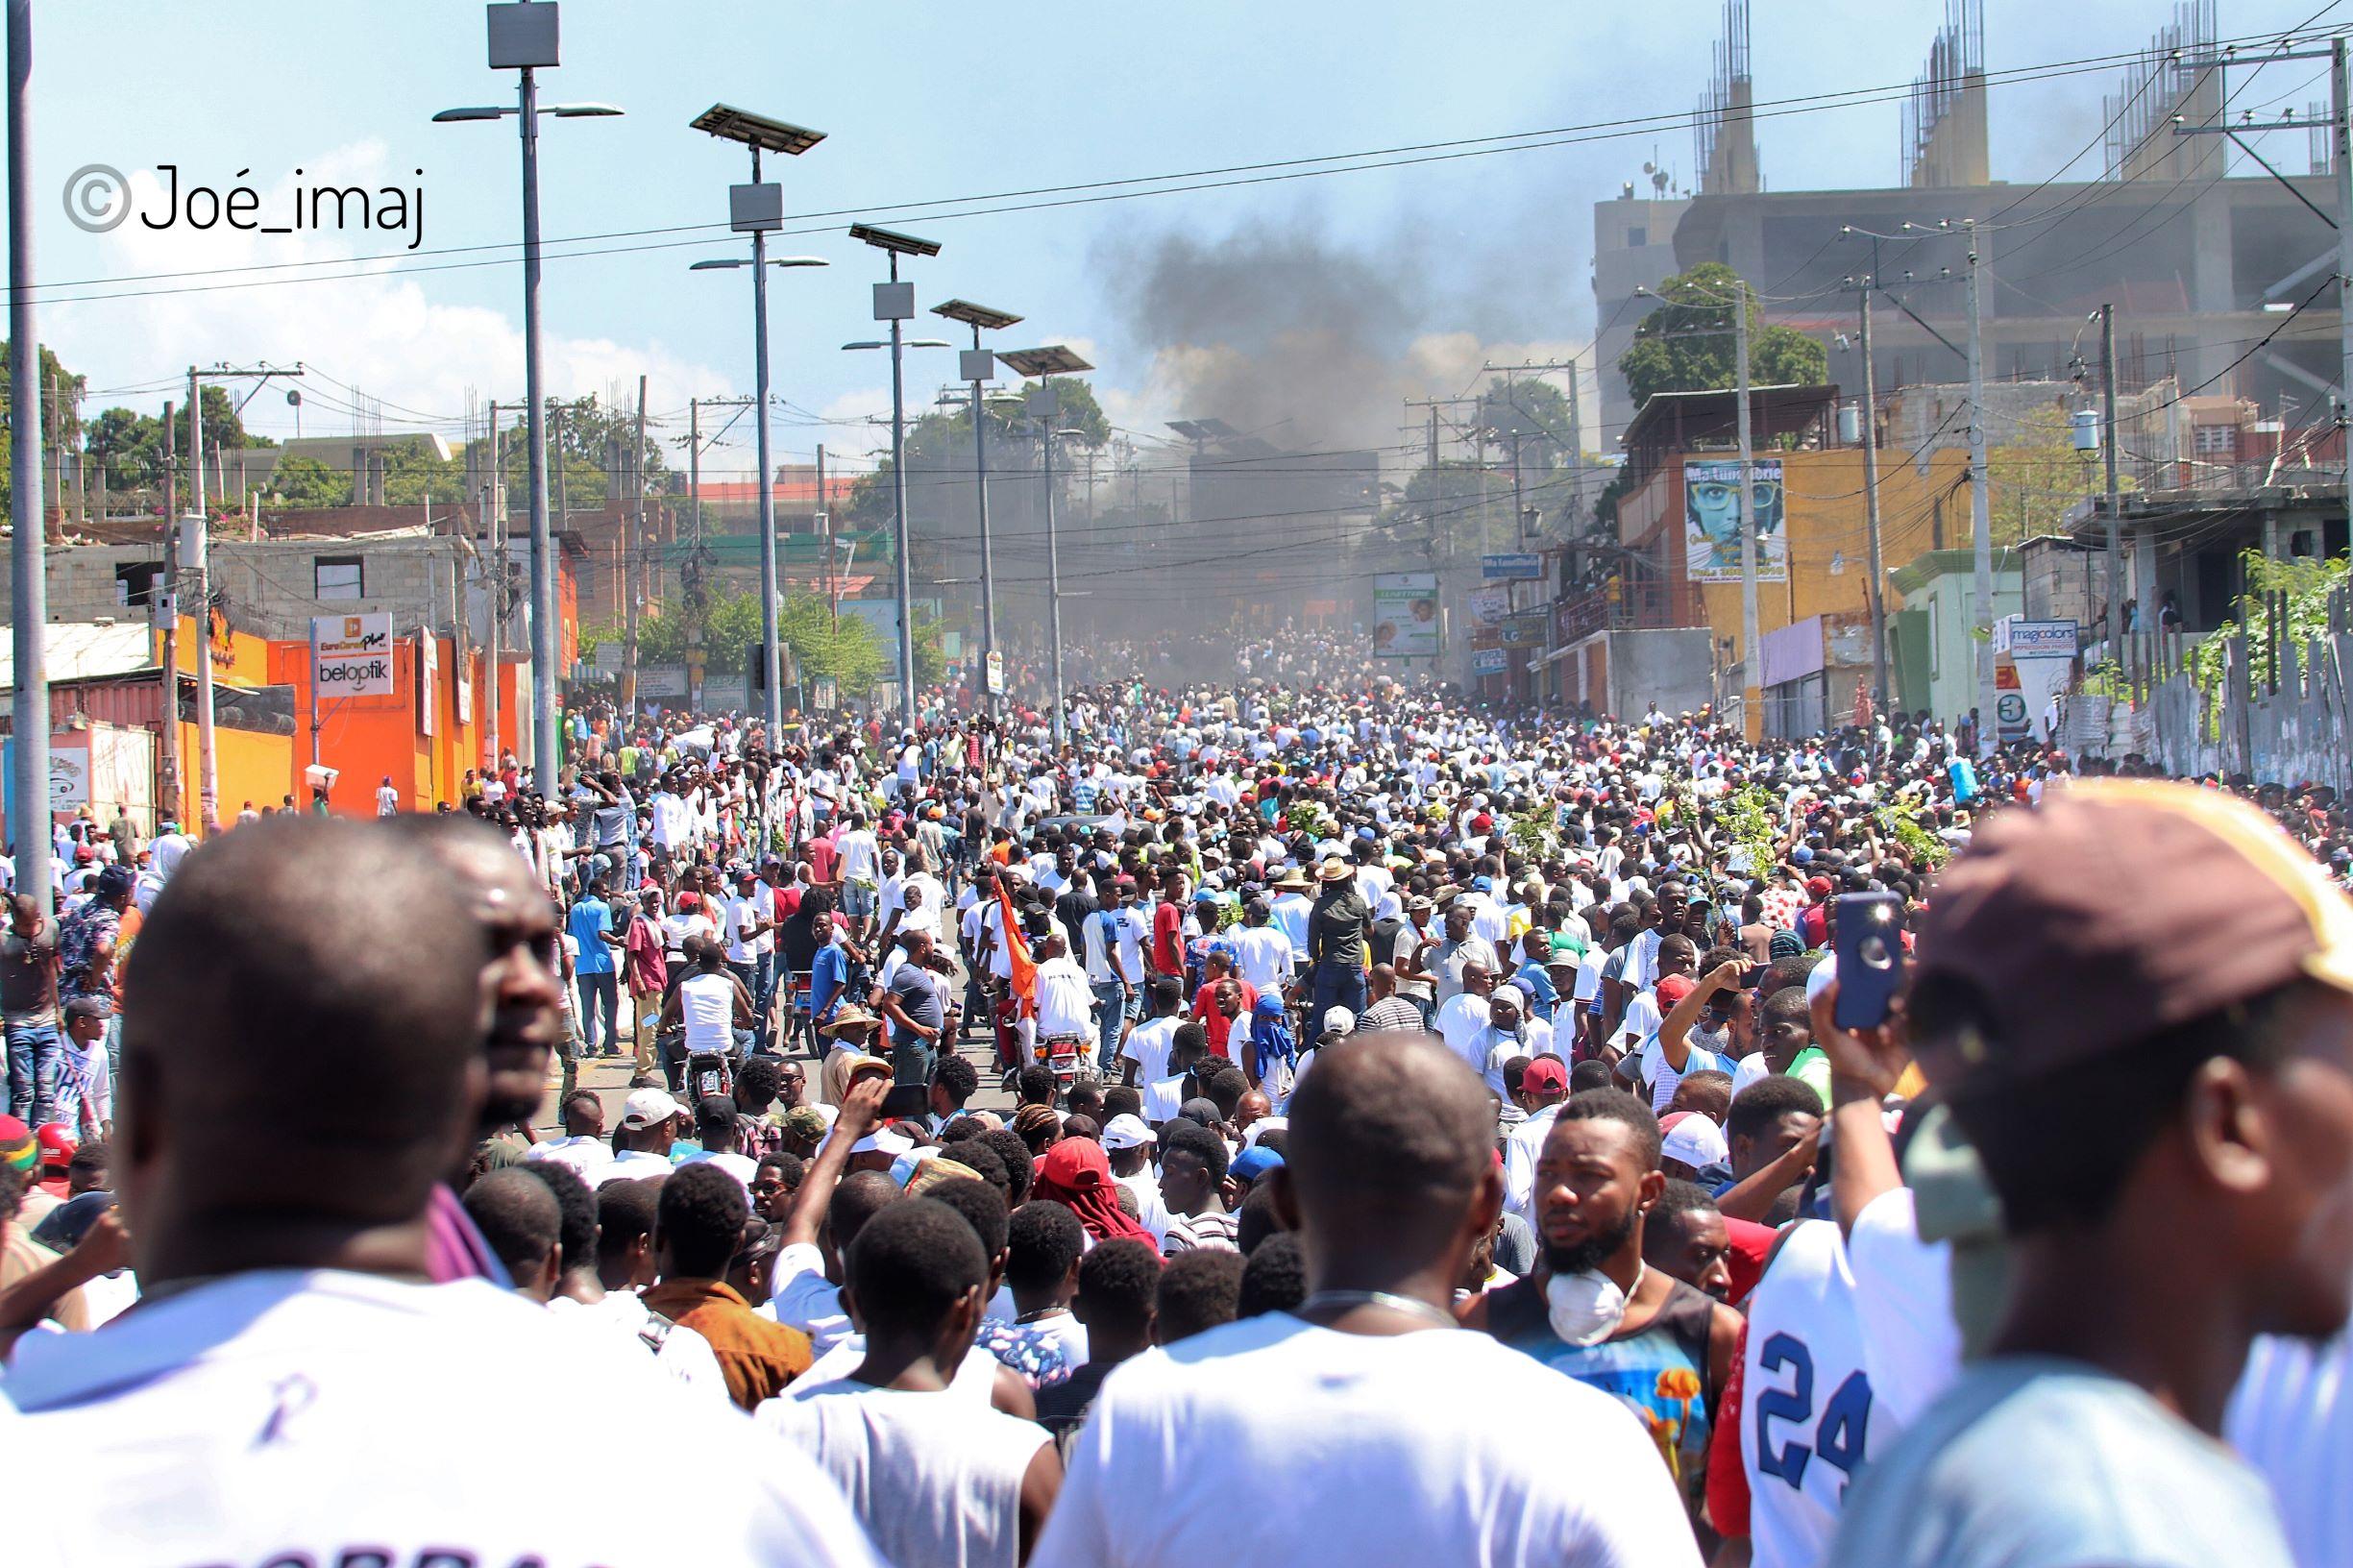 [ENTRETIEN] Haïti est-elle à l'orée d'une nouvelle Révolution?